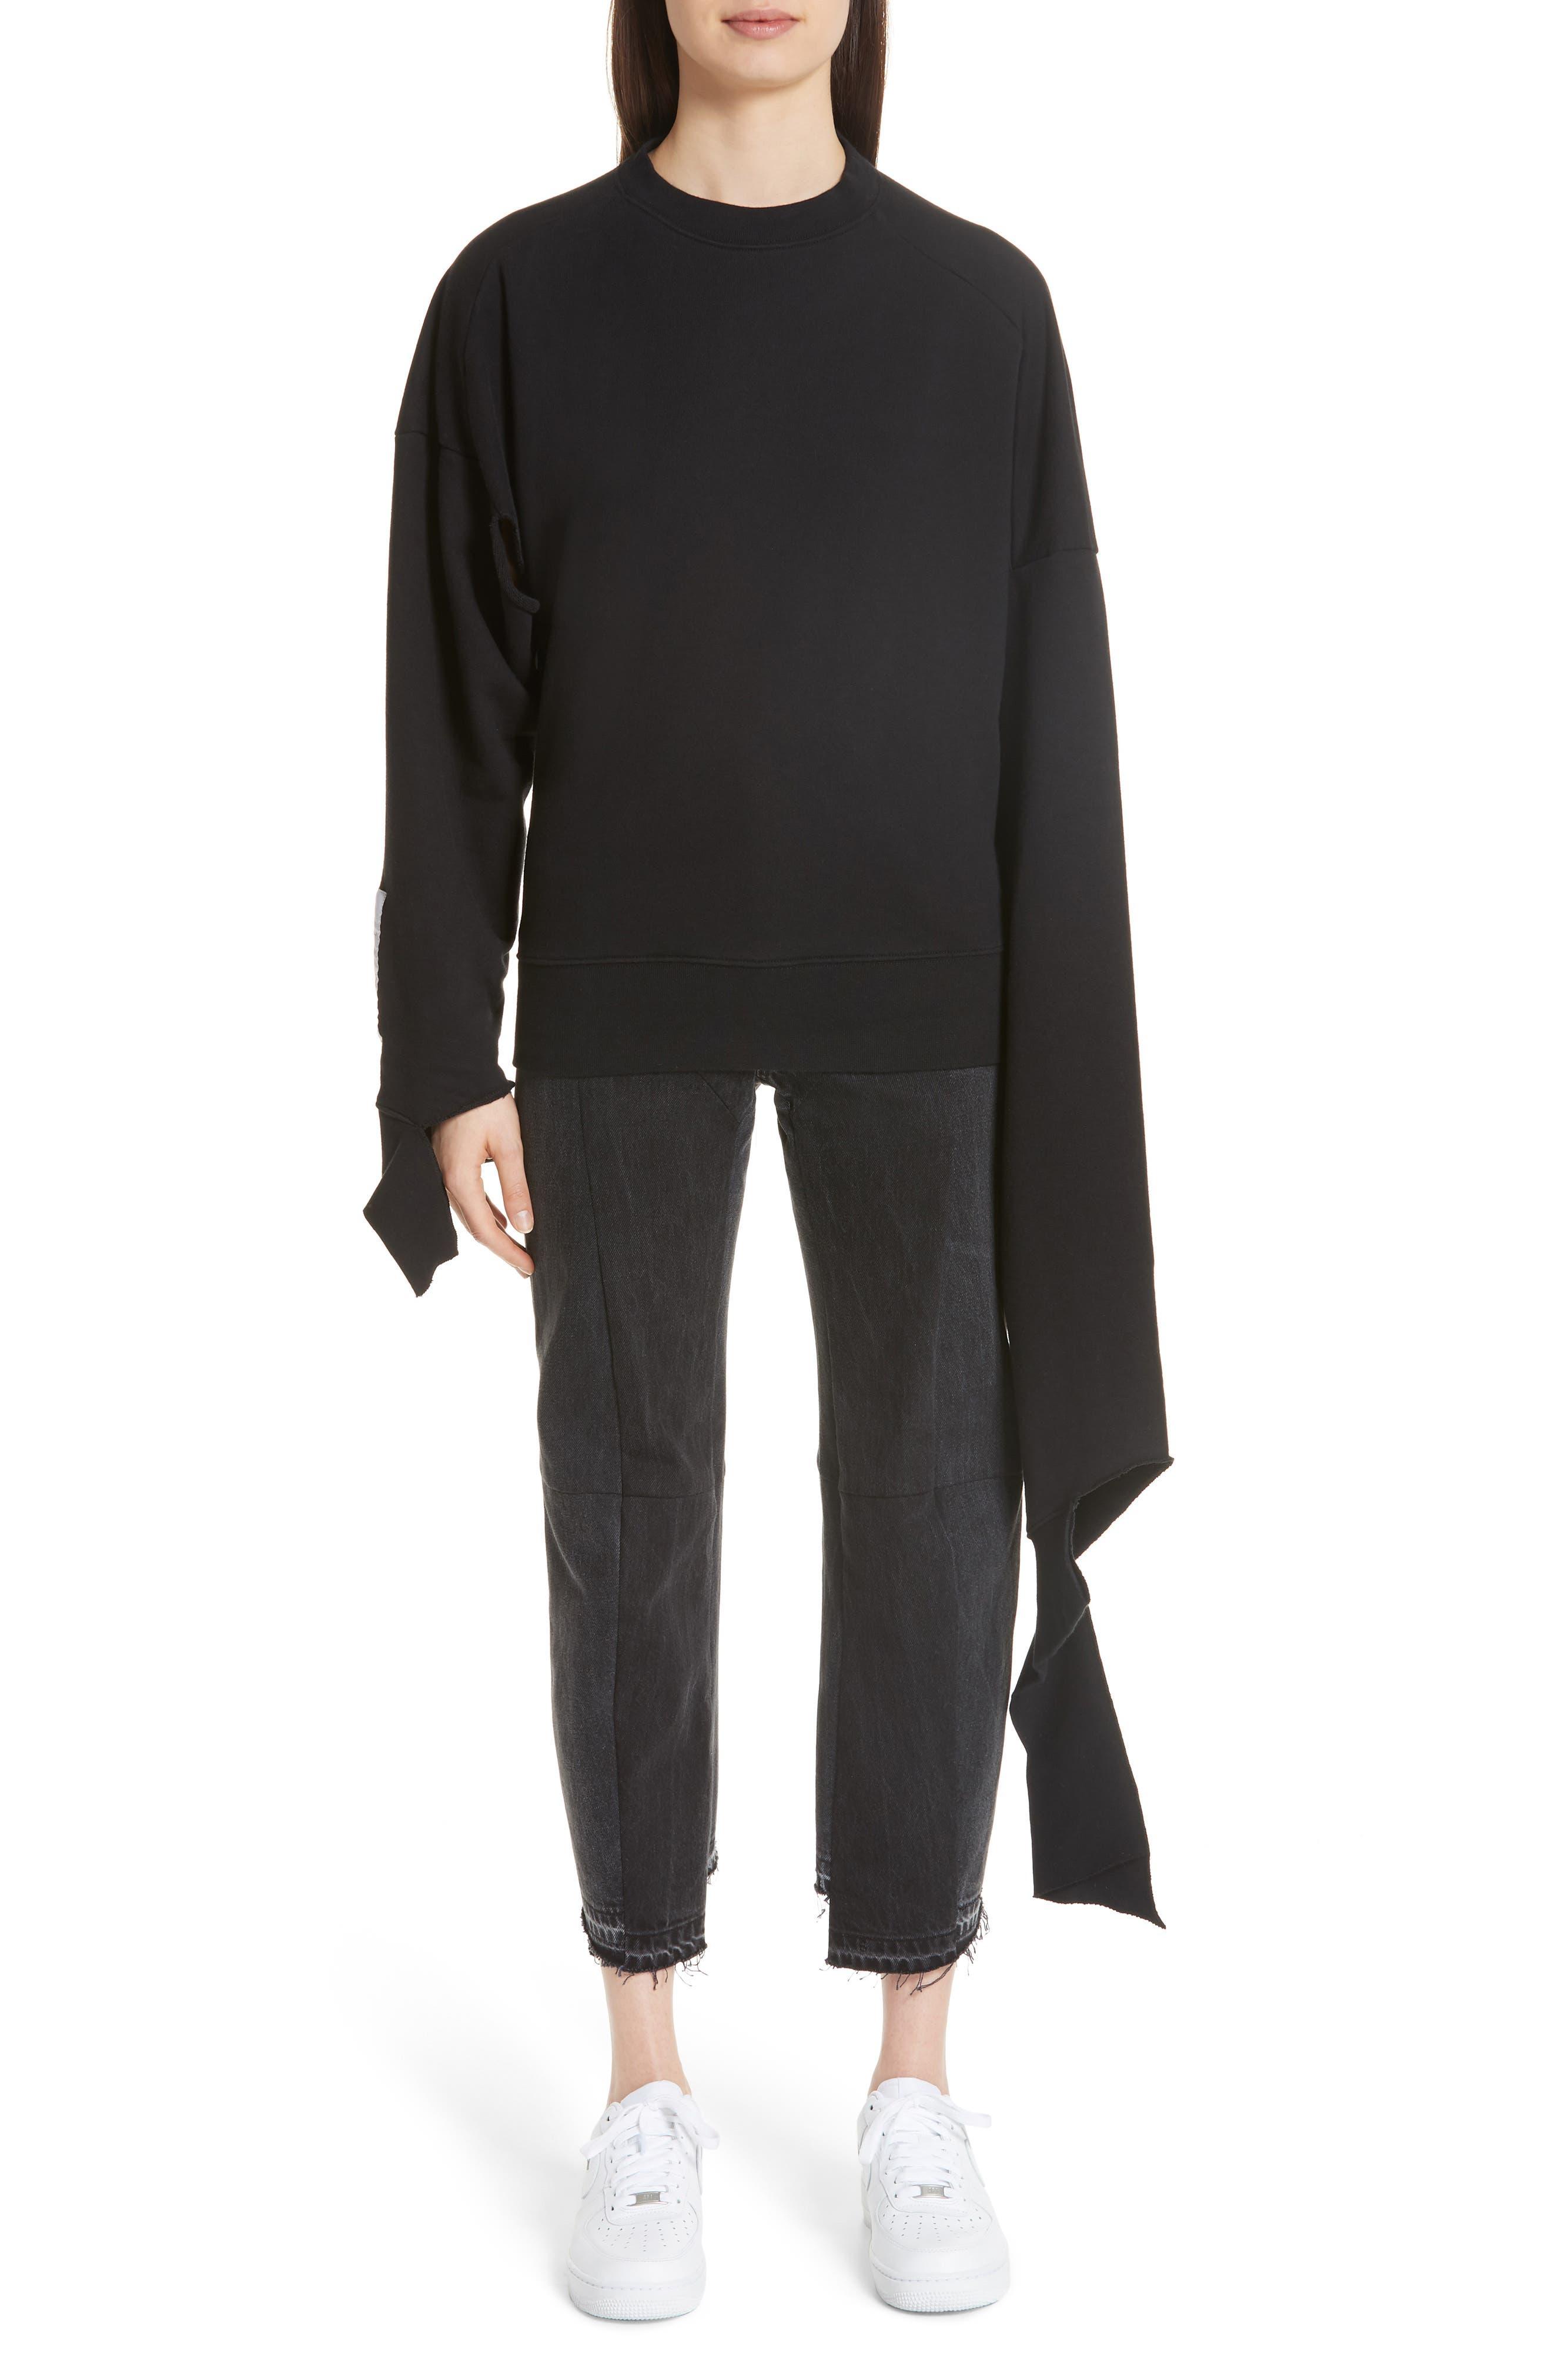 Vetements In Progress Crewneck Sweatshirt